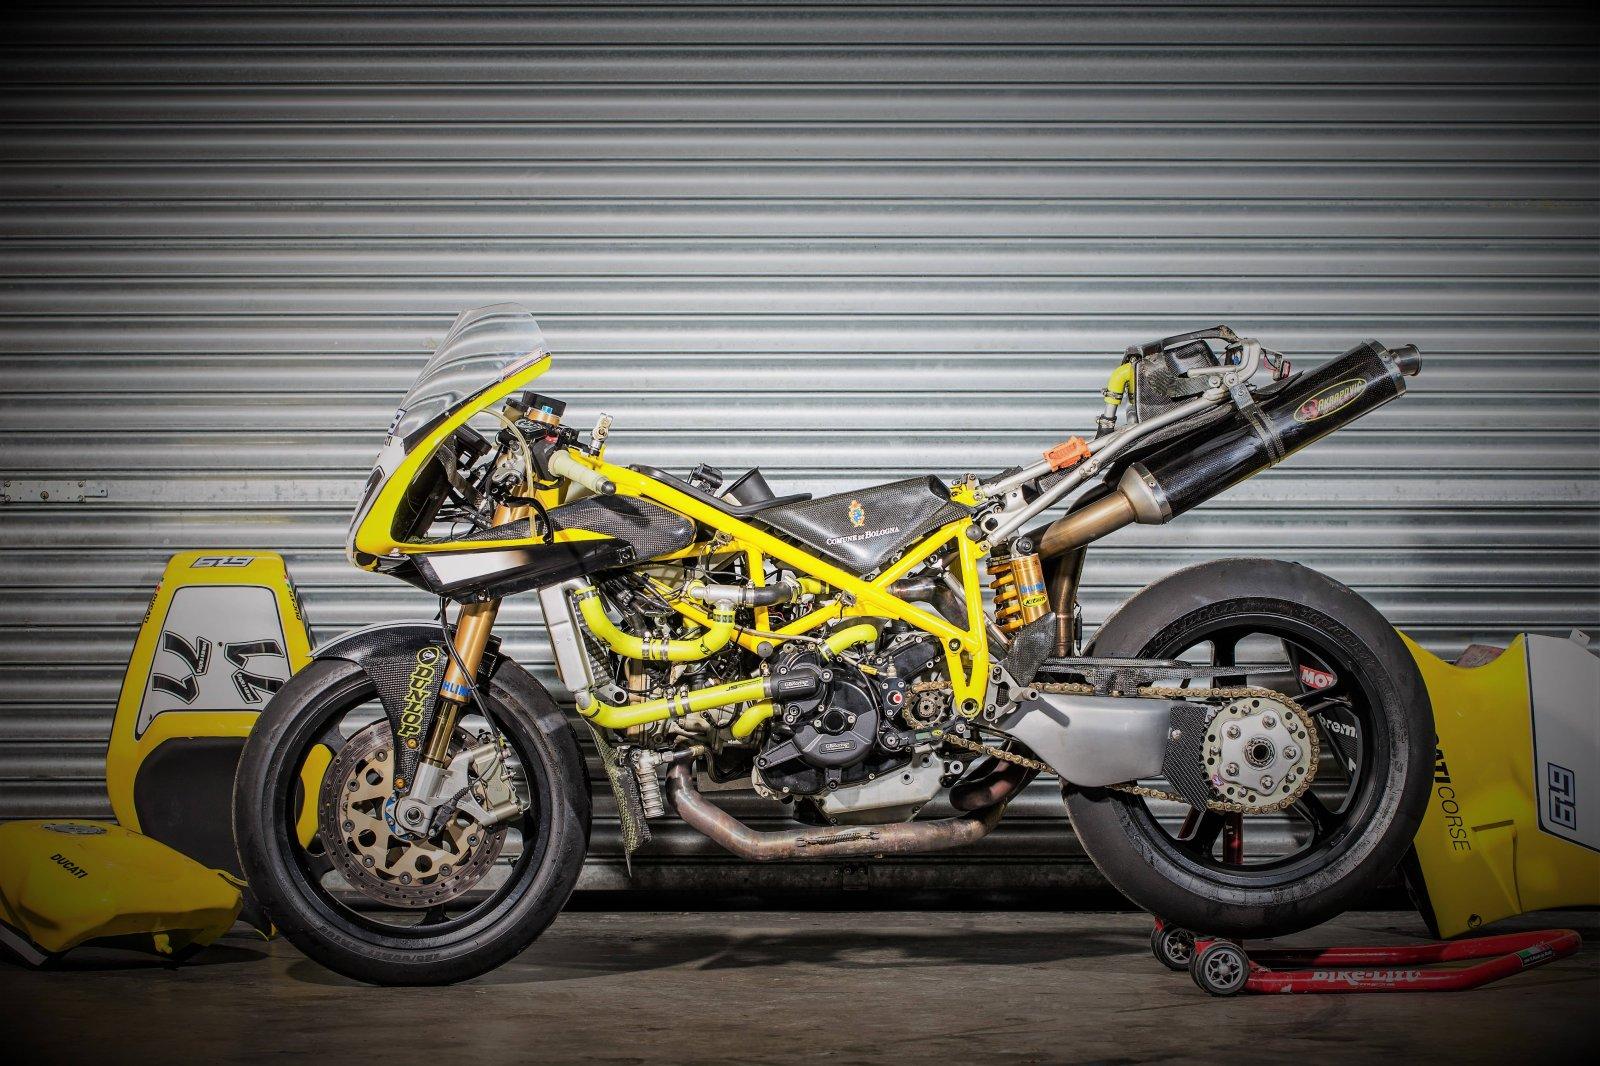 PB Ducati 748 Special-62-min.jpg